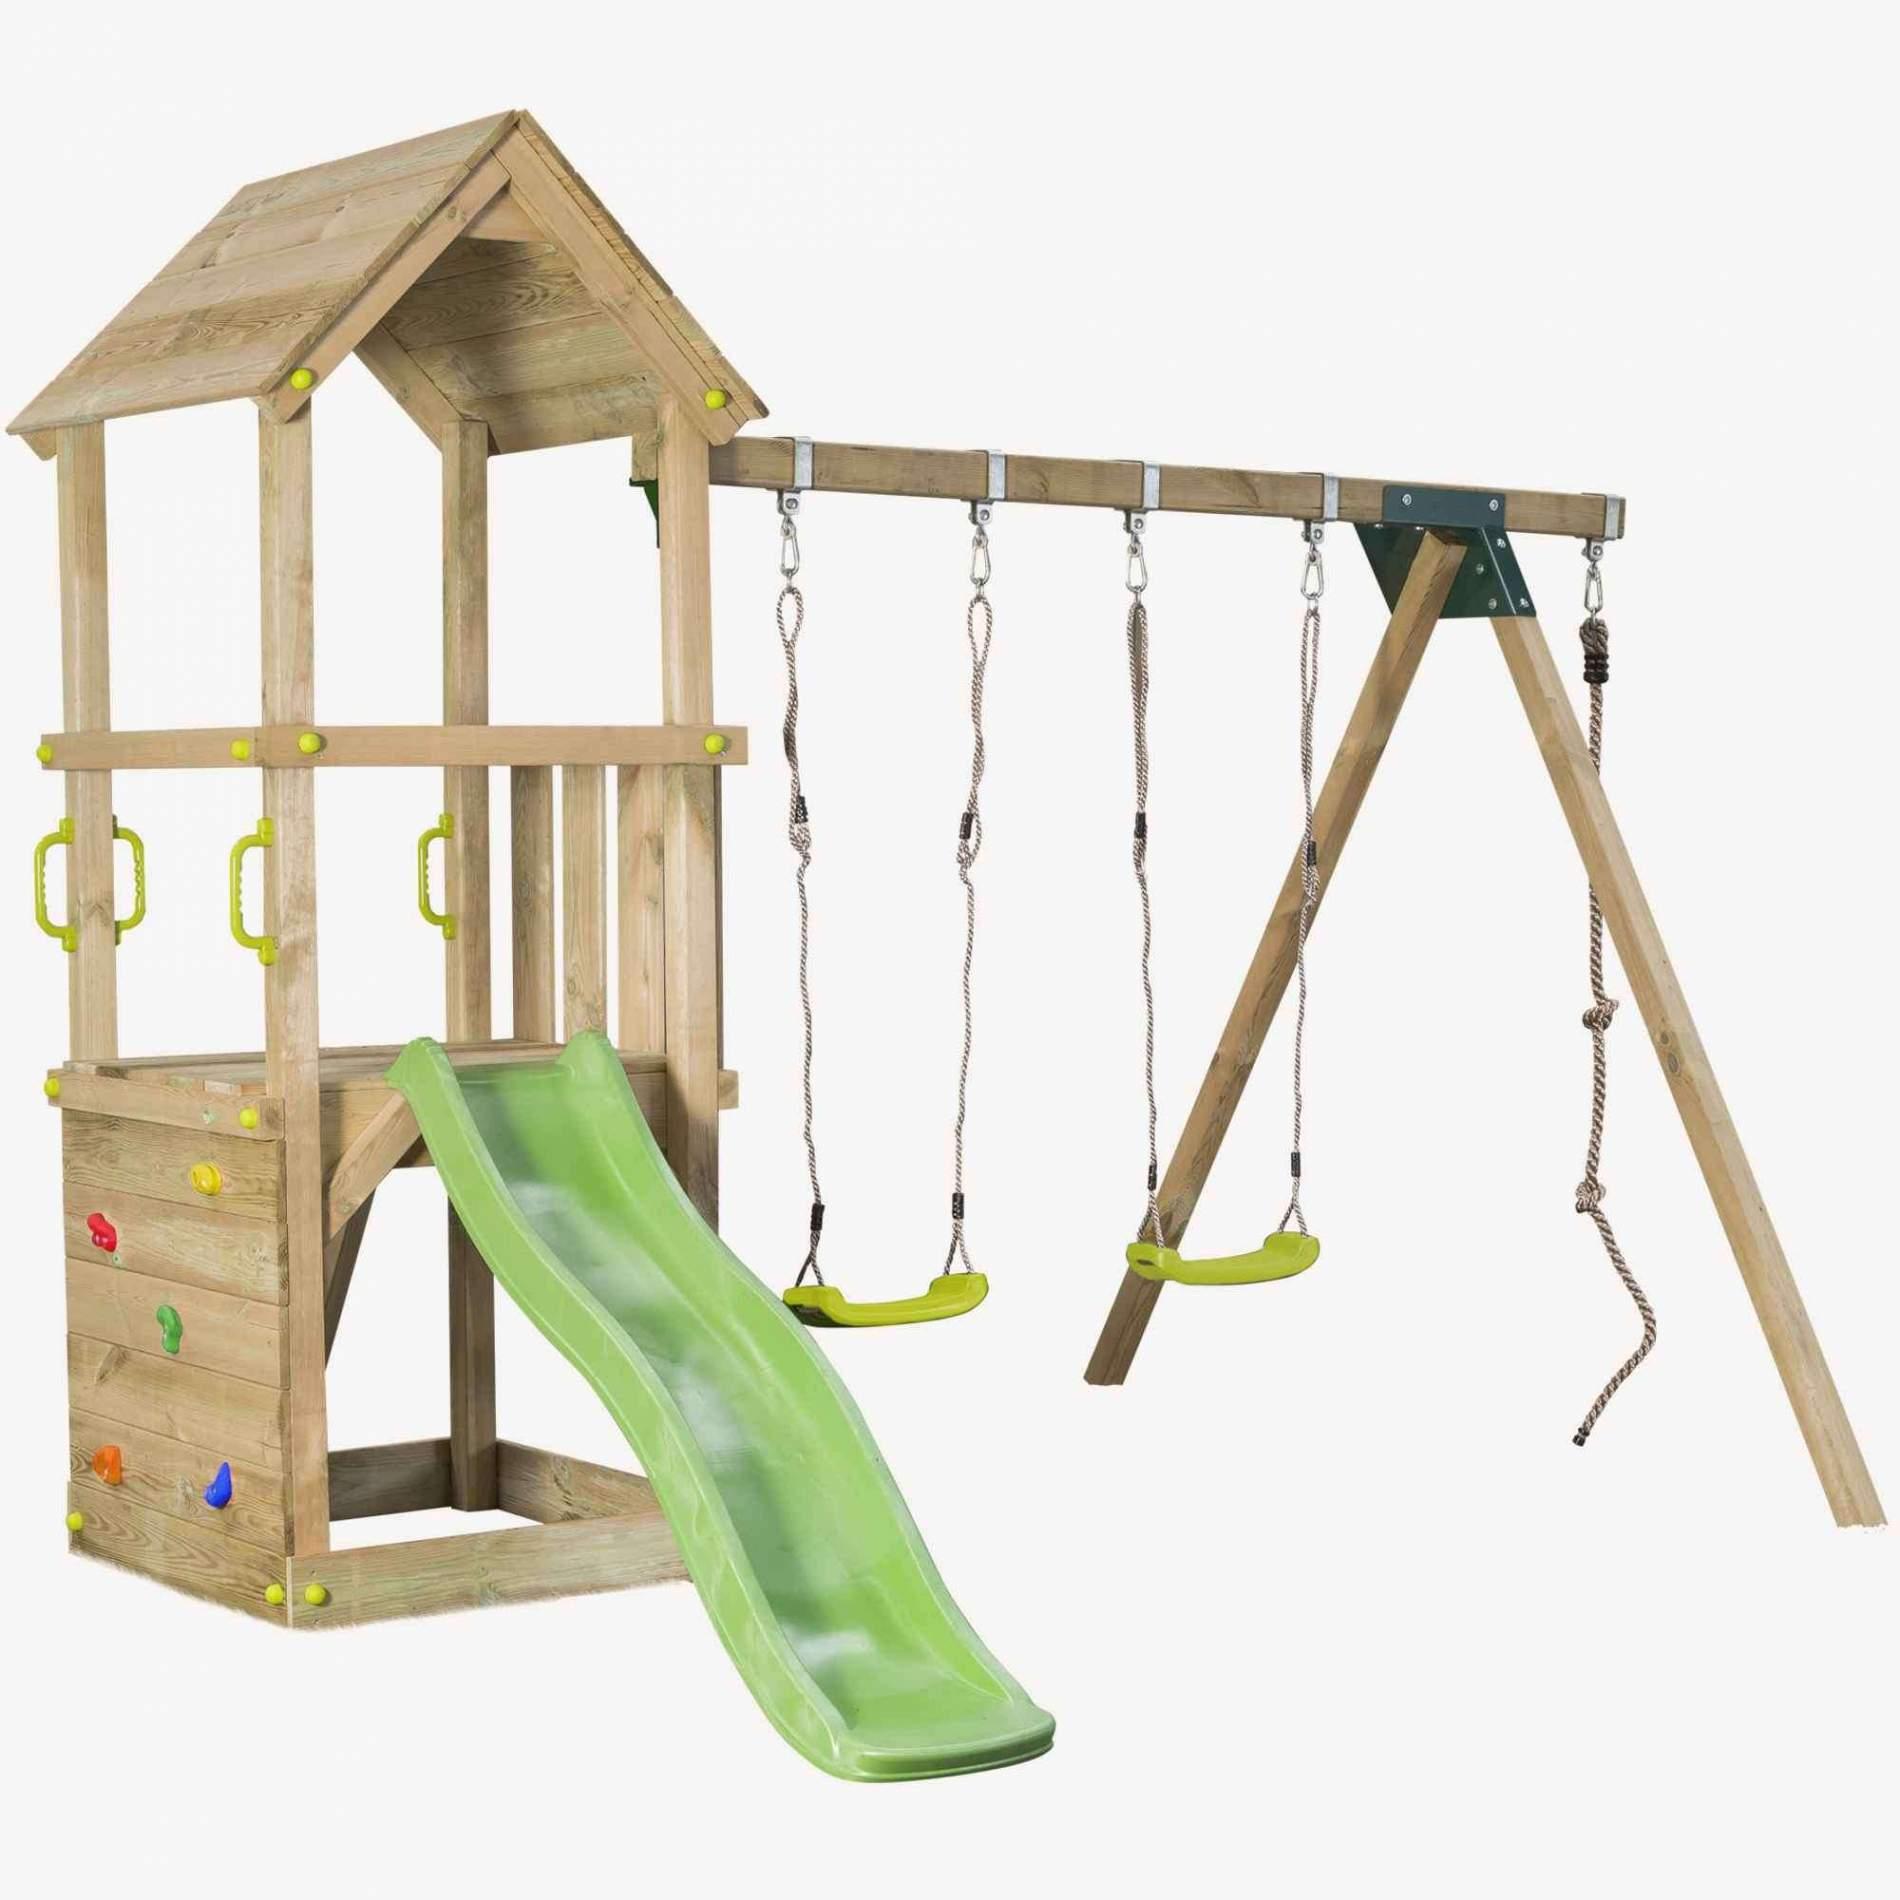 42 einzigartig kletterwand kinder garten galerie schaukel im kinderzimmer schaukel im kinderzimmer